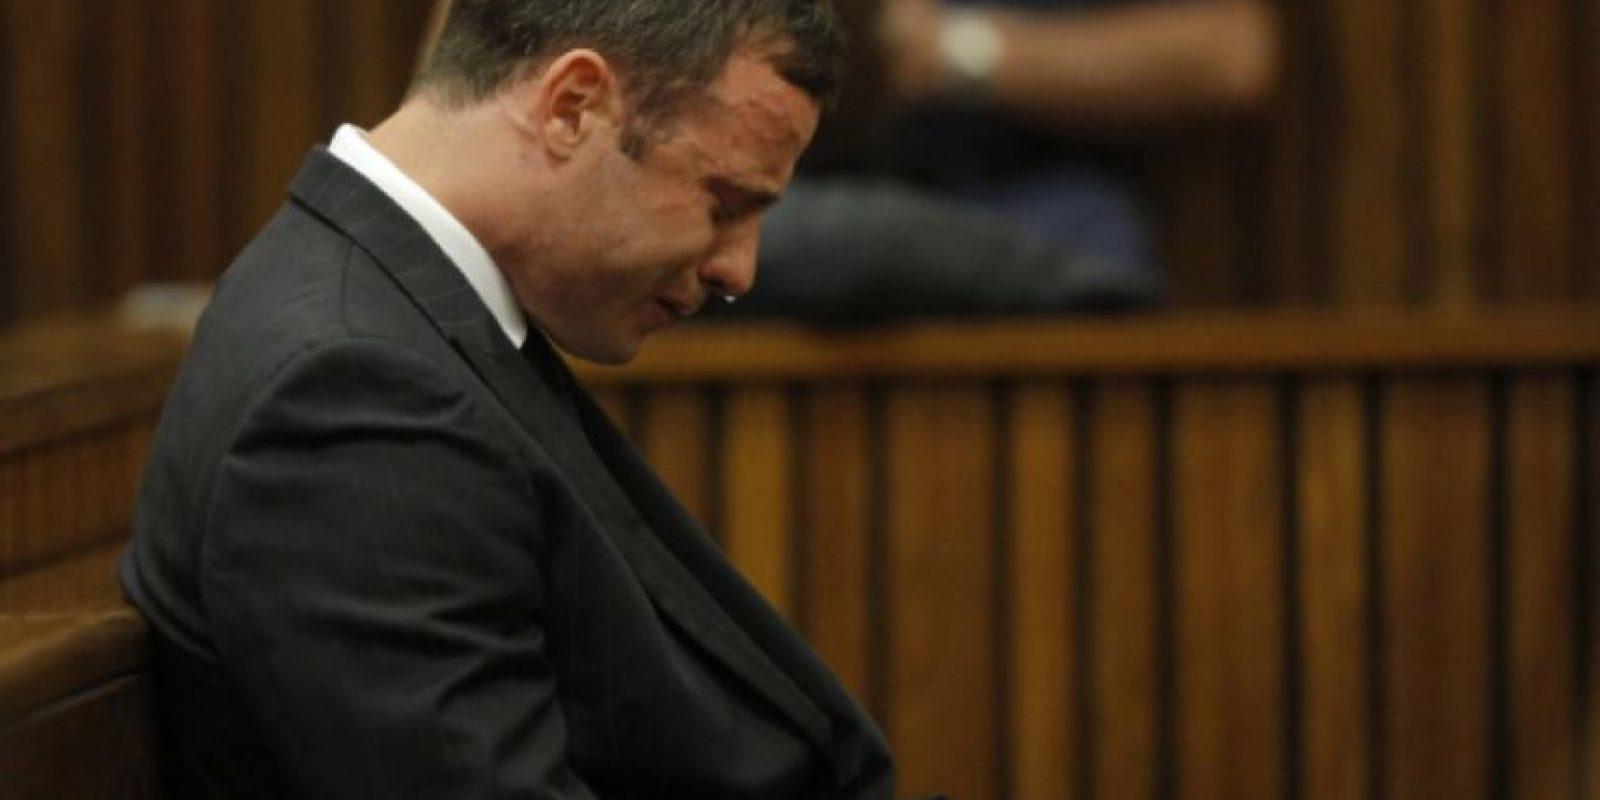 Pistorius asegura que pensaba que había un intruso dentro de la casa y por eso disparó. Foto:Gettty Images